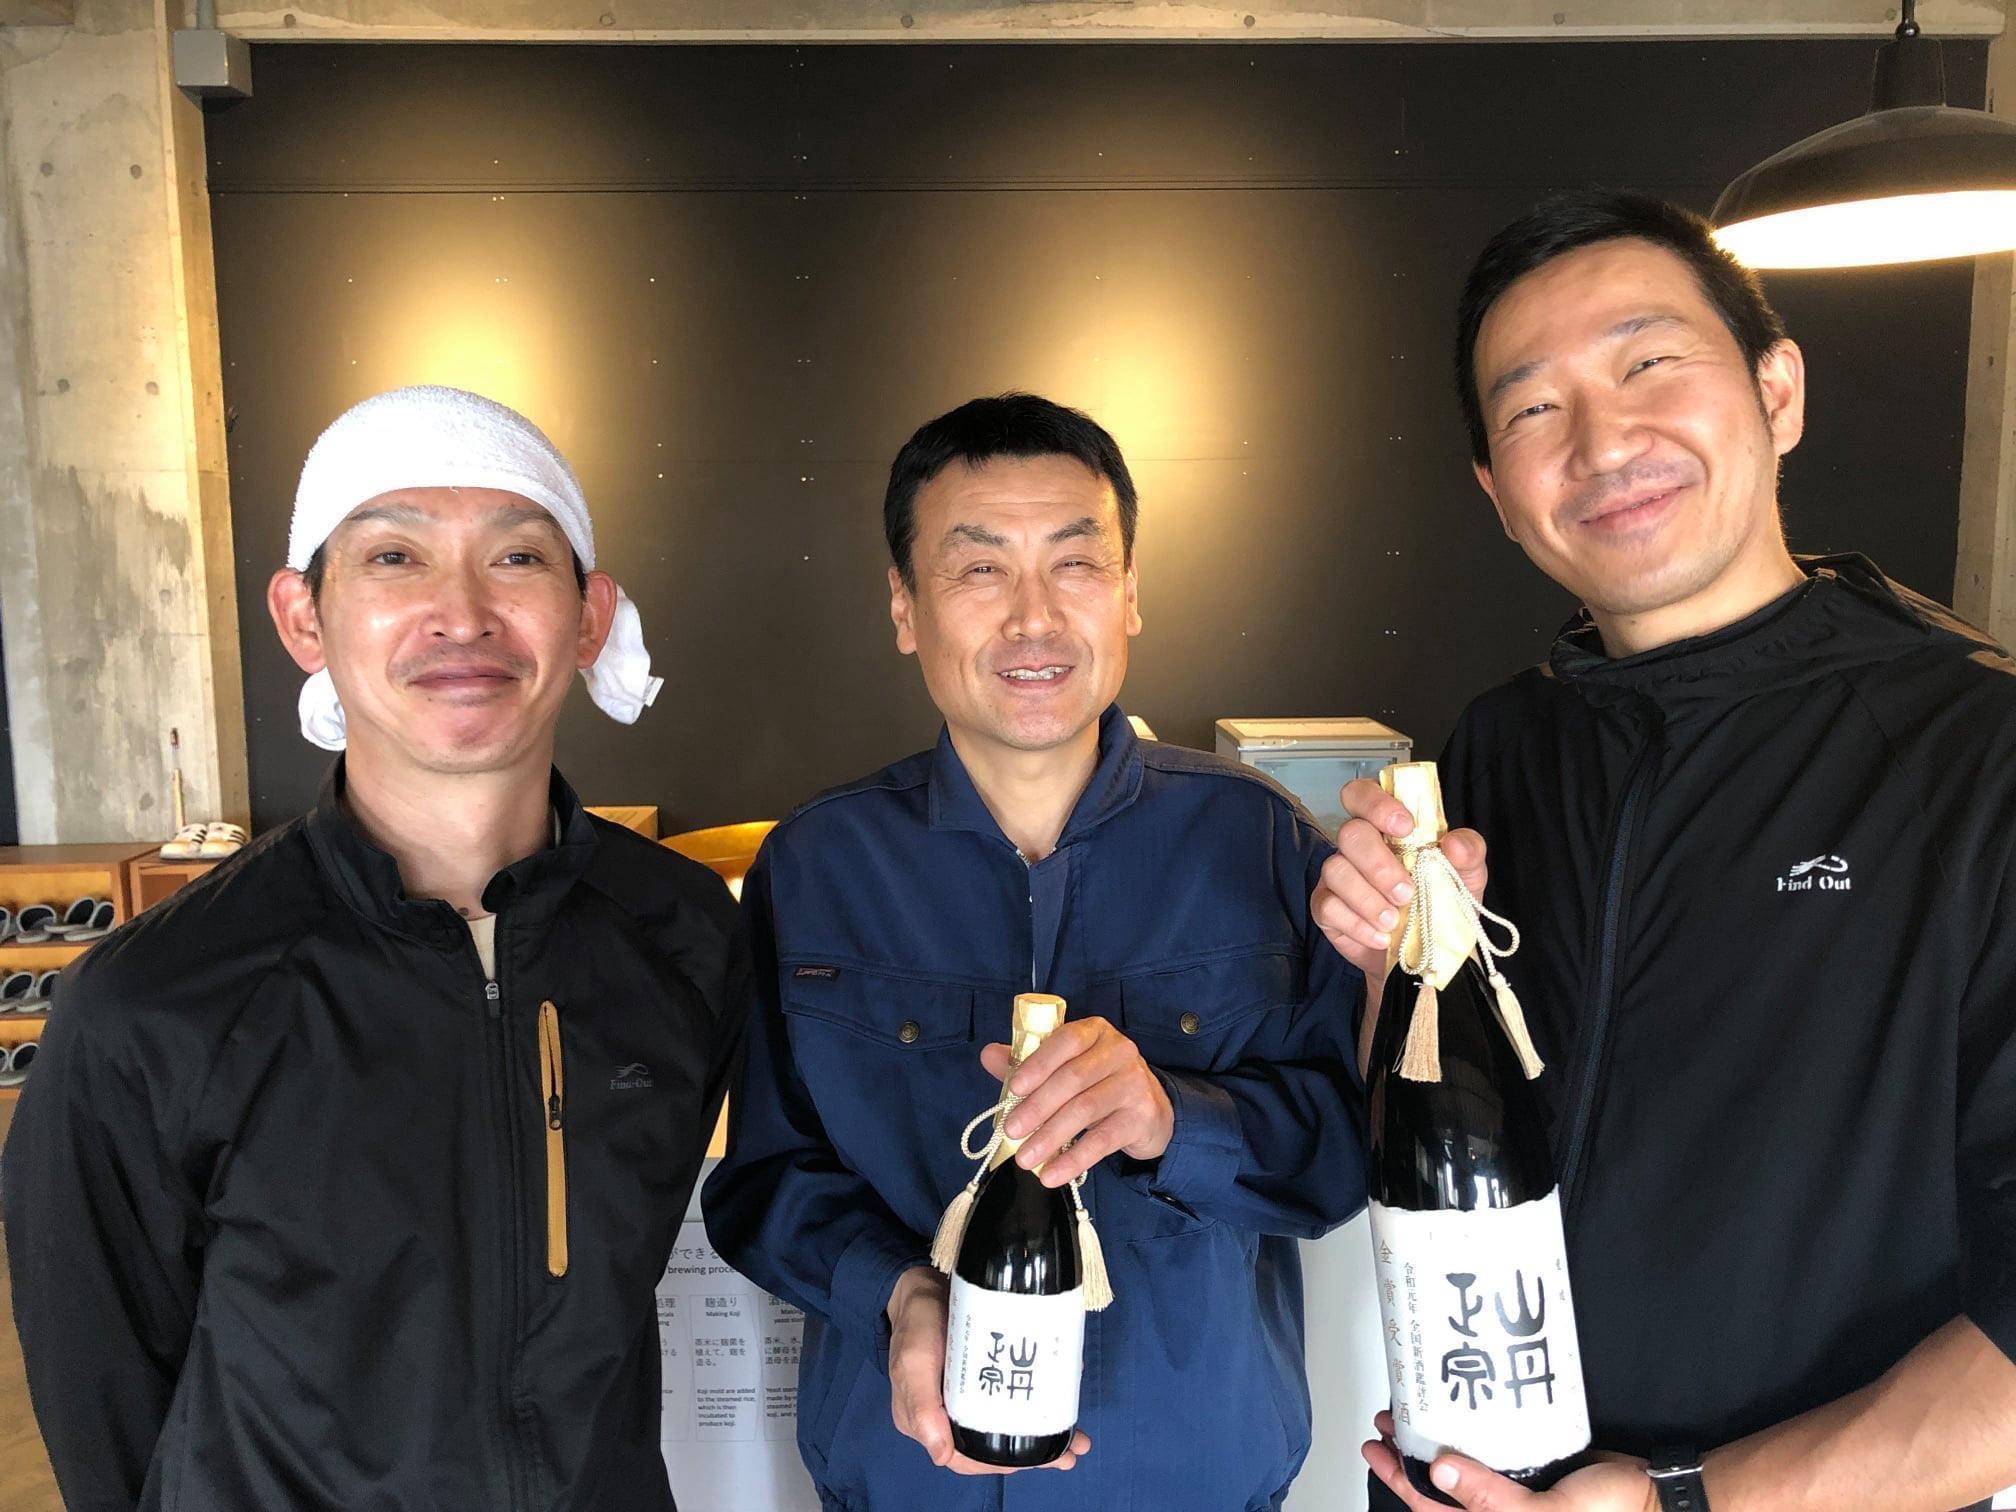 愛媛県今治市【八木酒造部】さん、おめでとうございます♪ 『令和2年度 全国新酒鑑評会 金賞受賞』